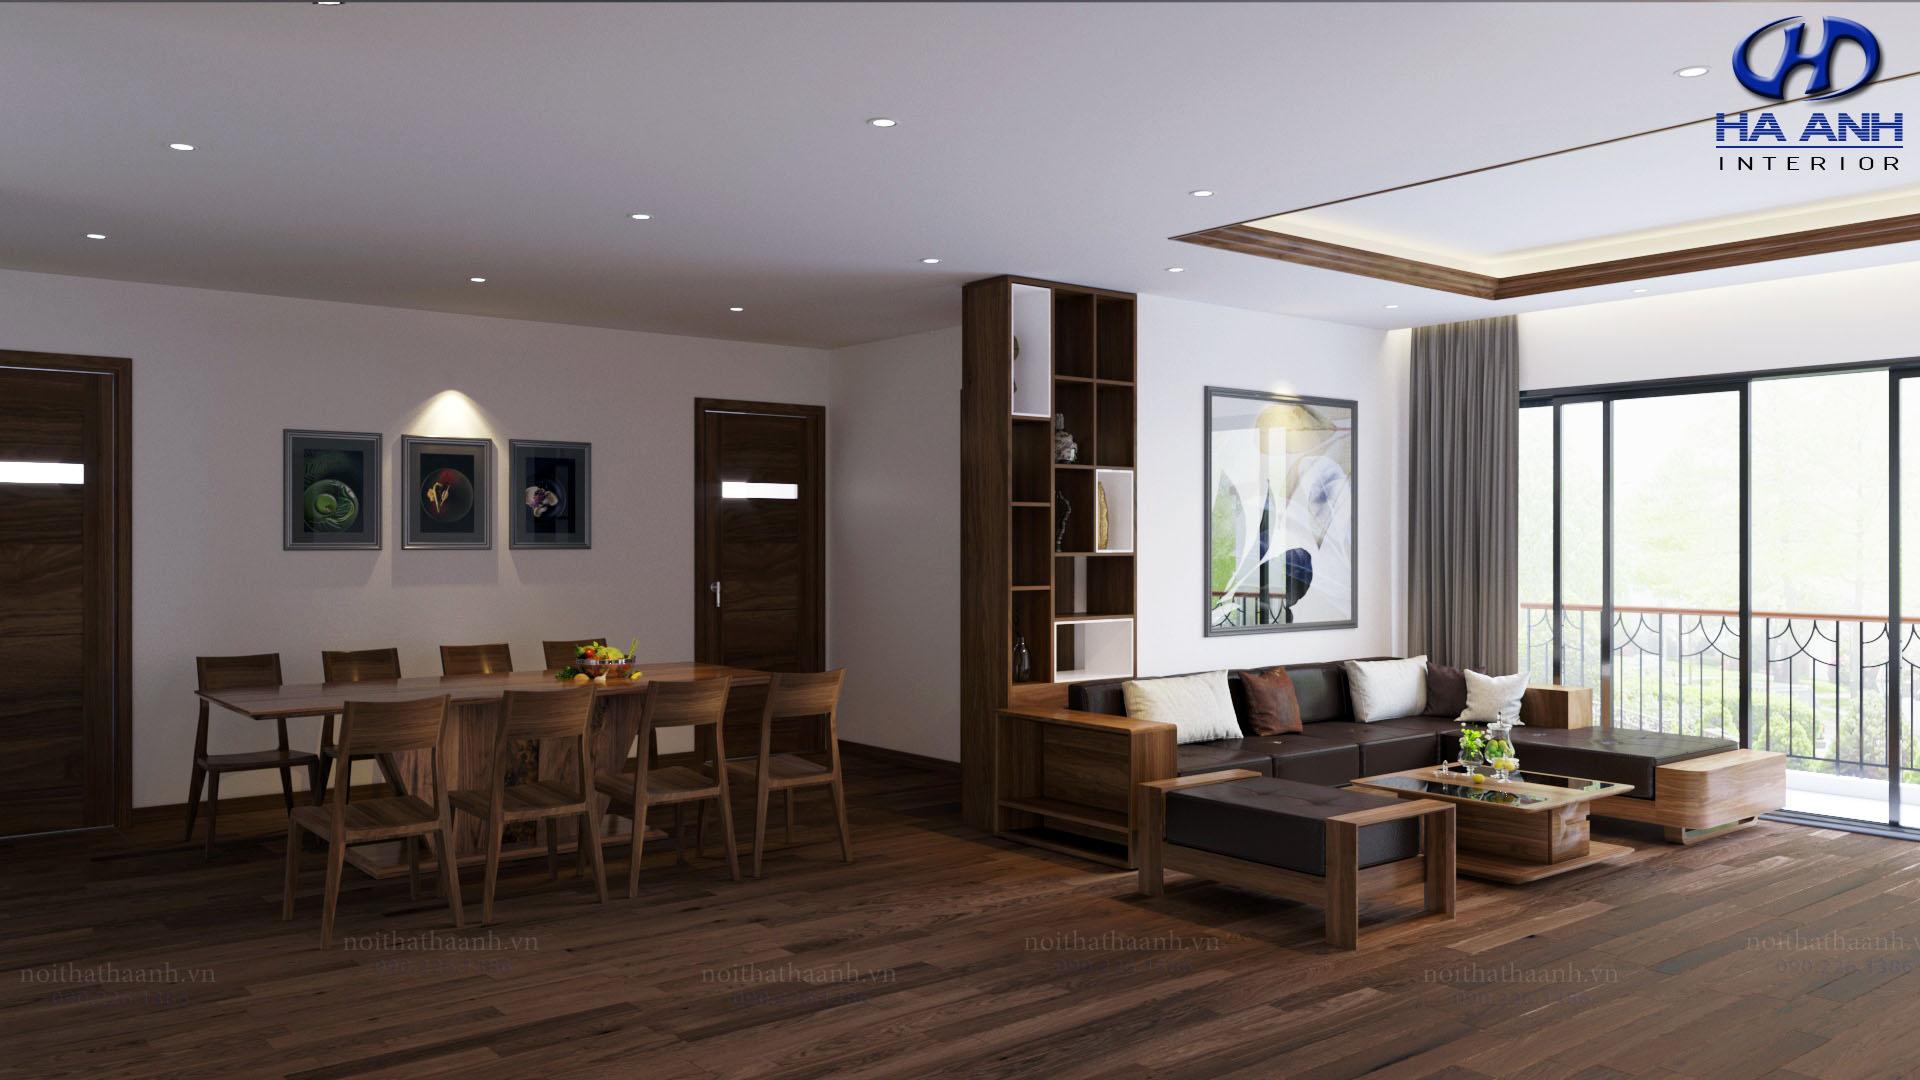 Cách thiết kế nội thất phòng khách bằng gỗ óc chó sang trọng hiện đại